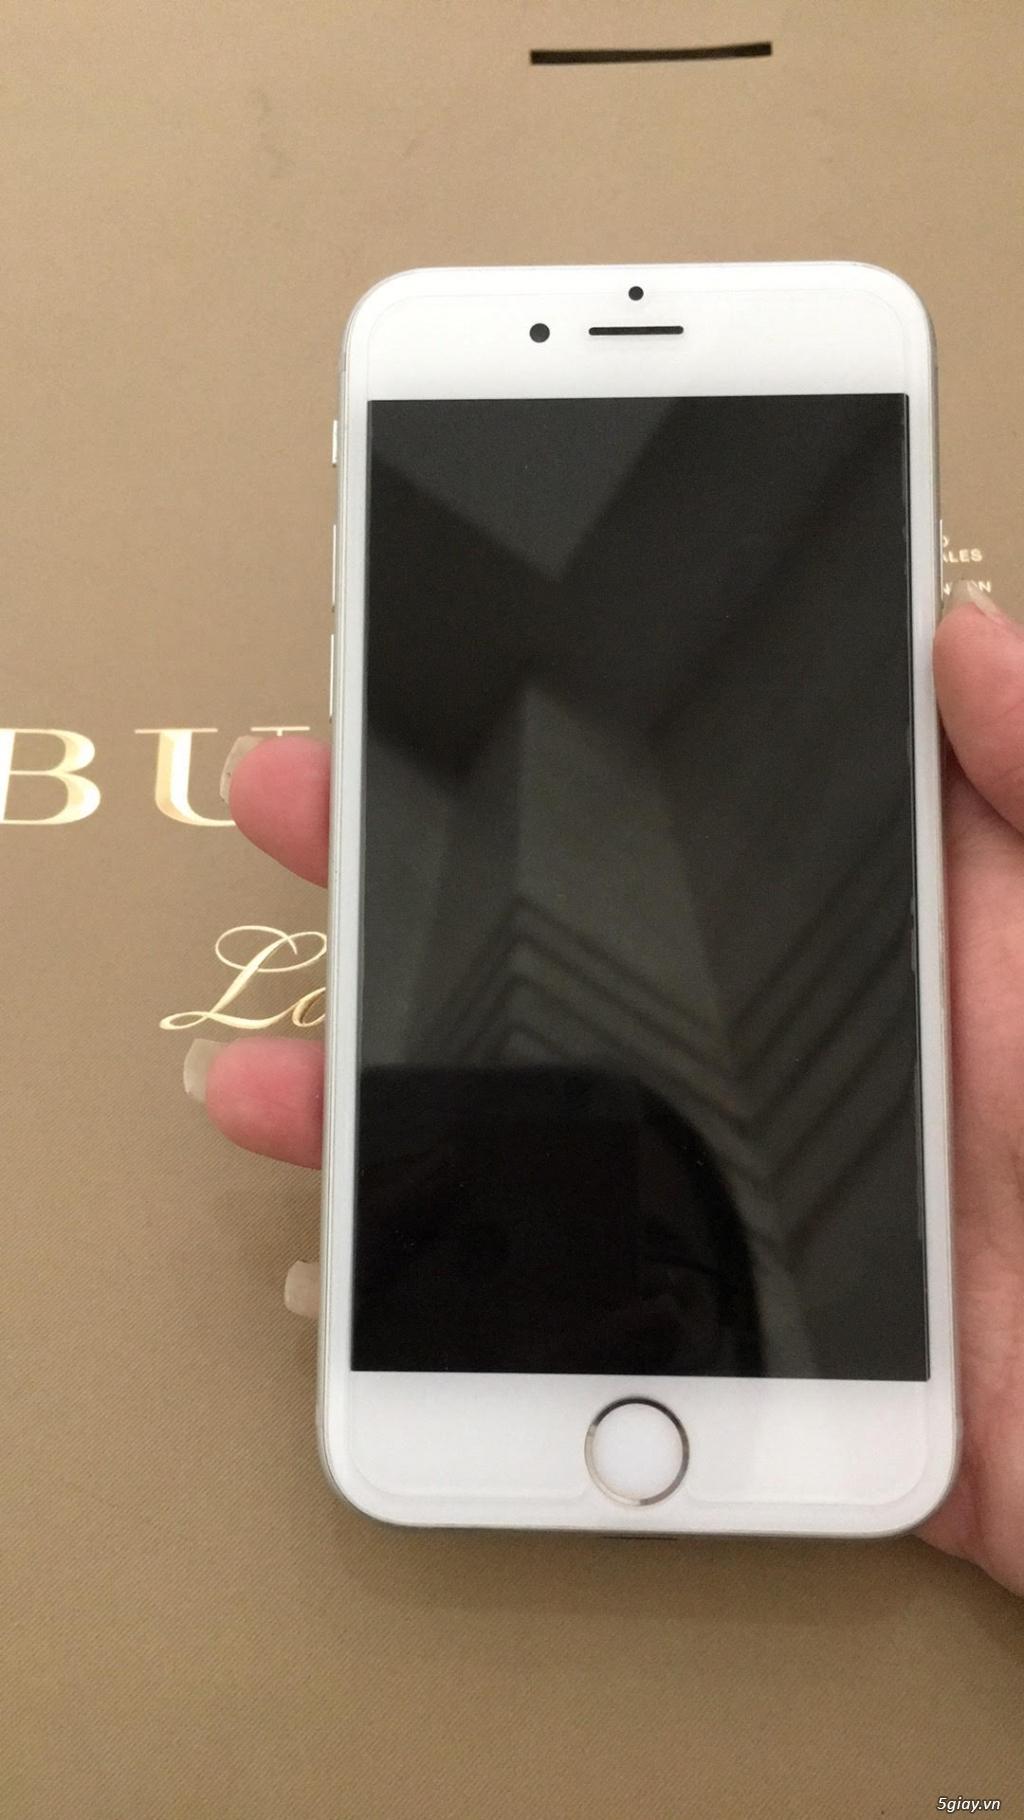 Iphone 6s Plus nữ xài kĩ - 3